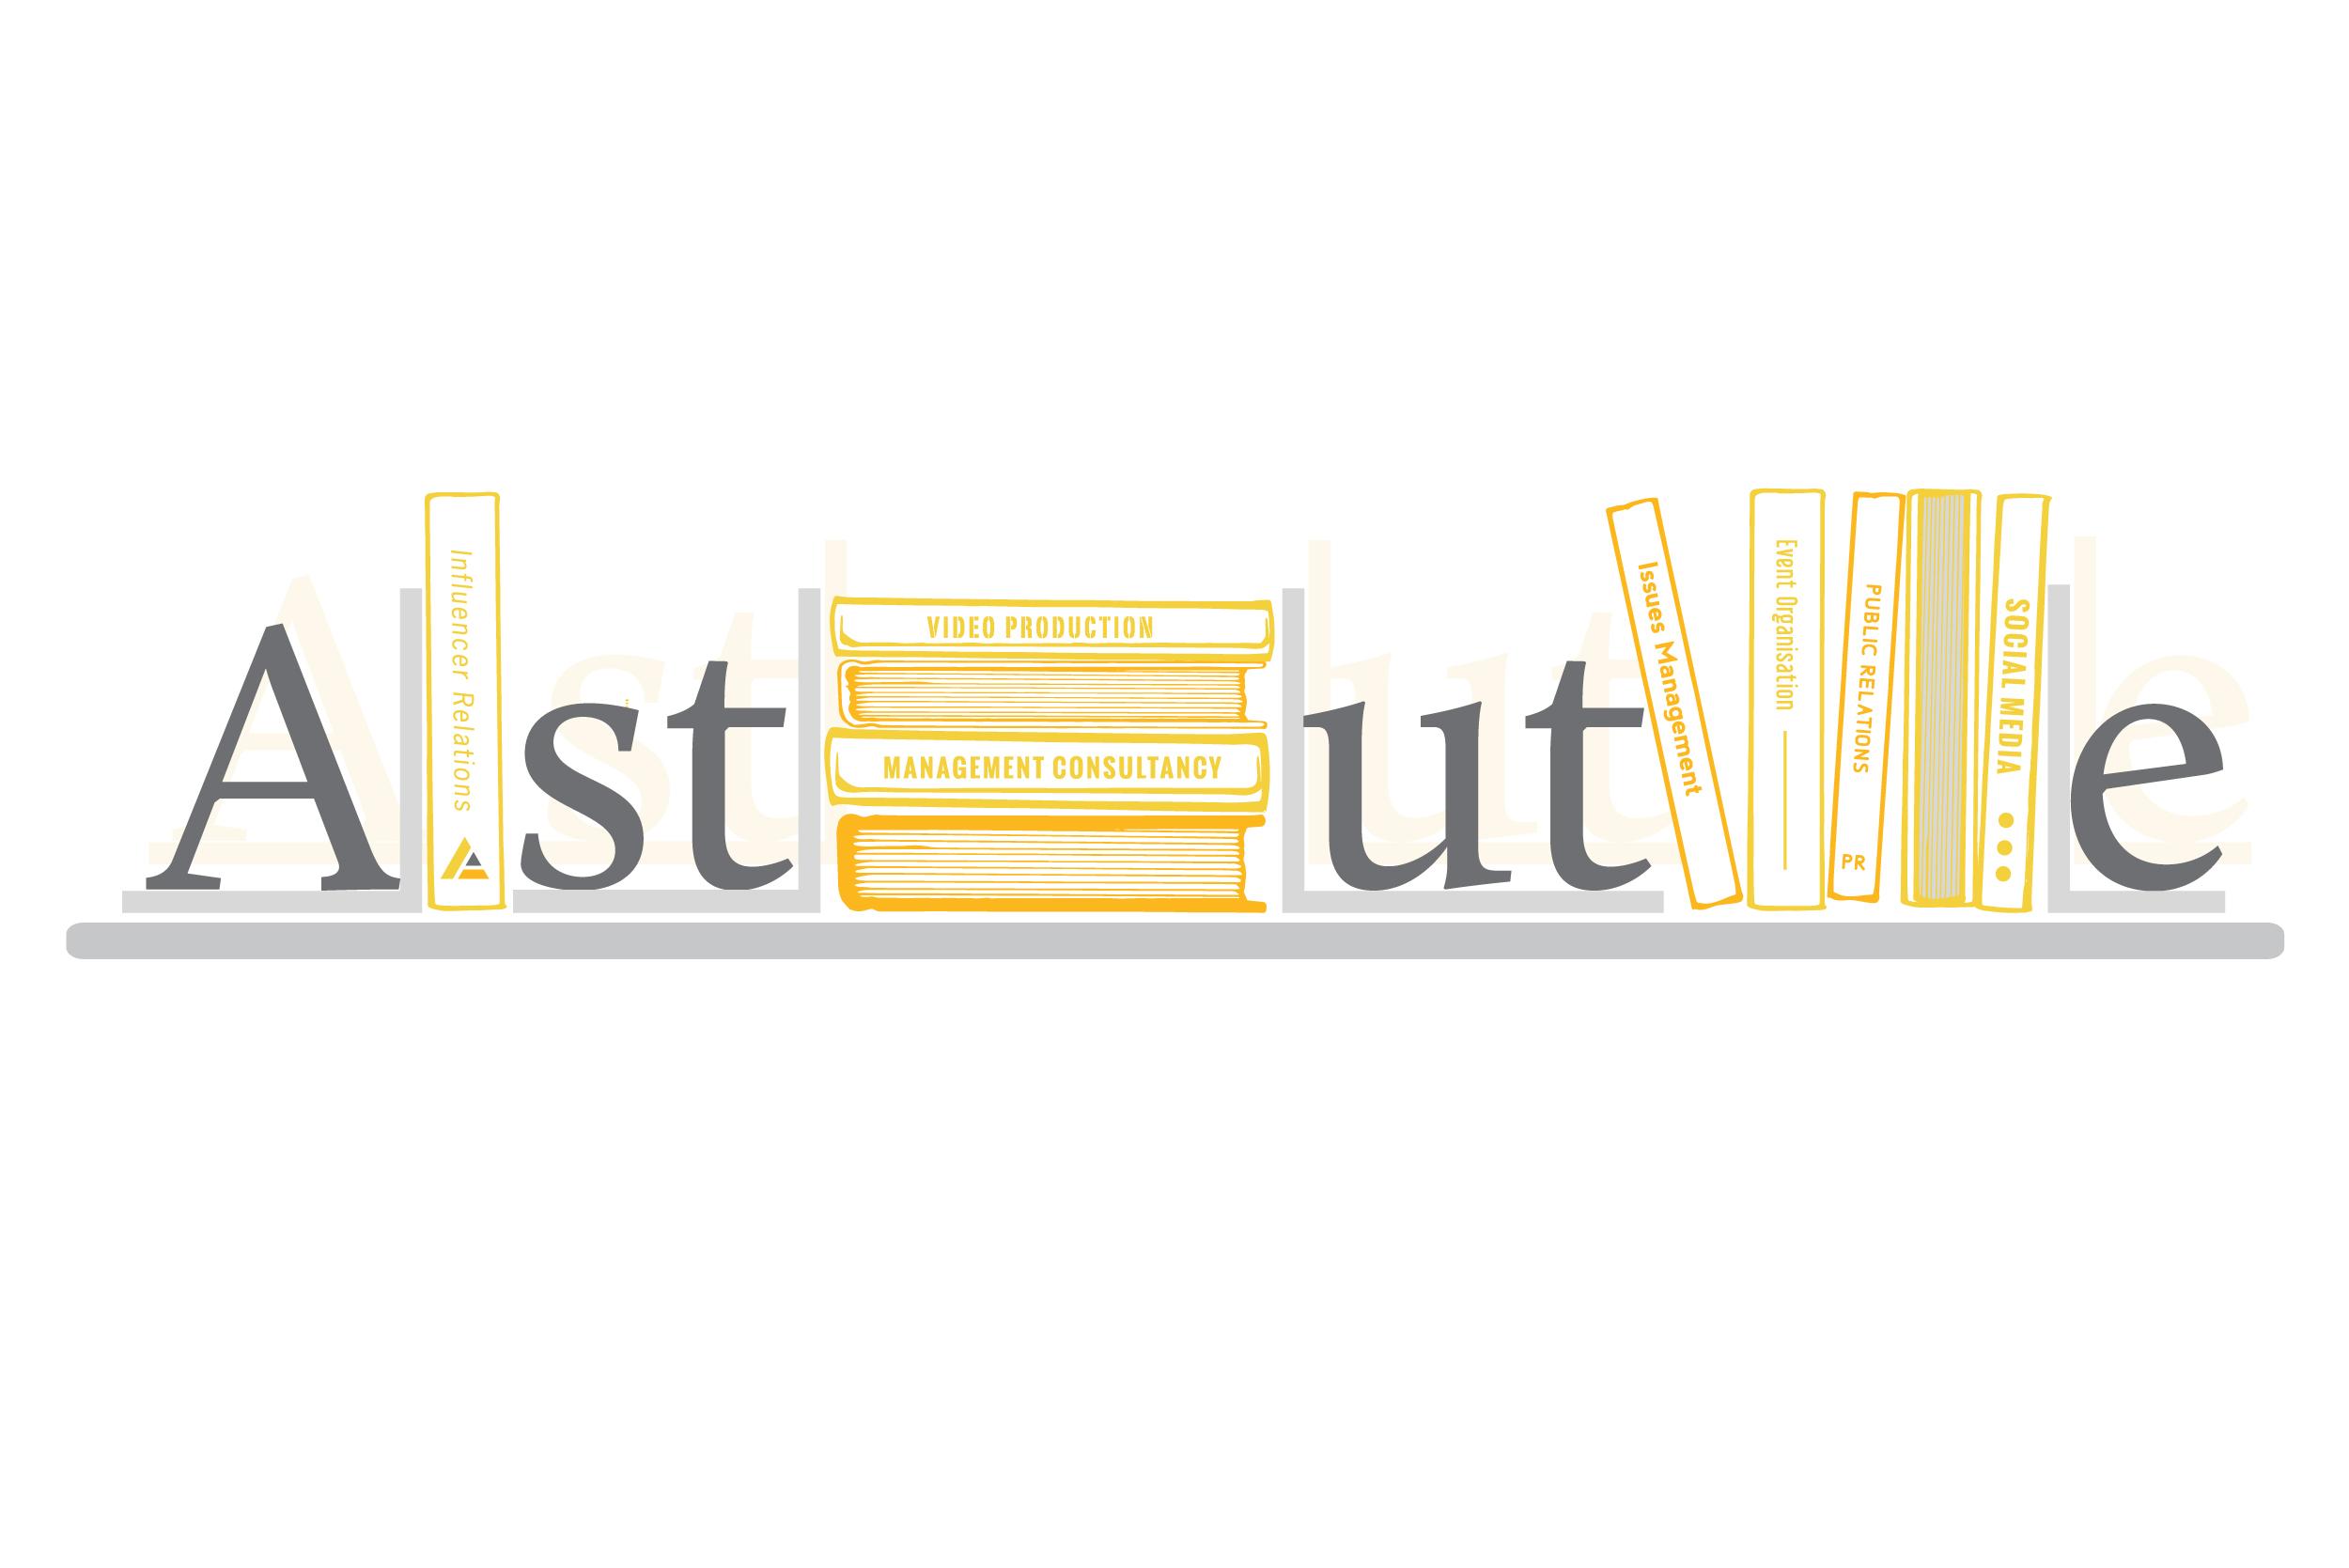 Astute-shelf-01.jpg